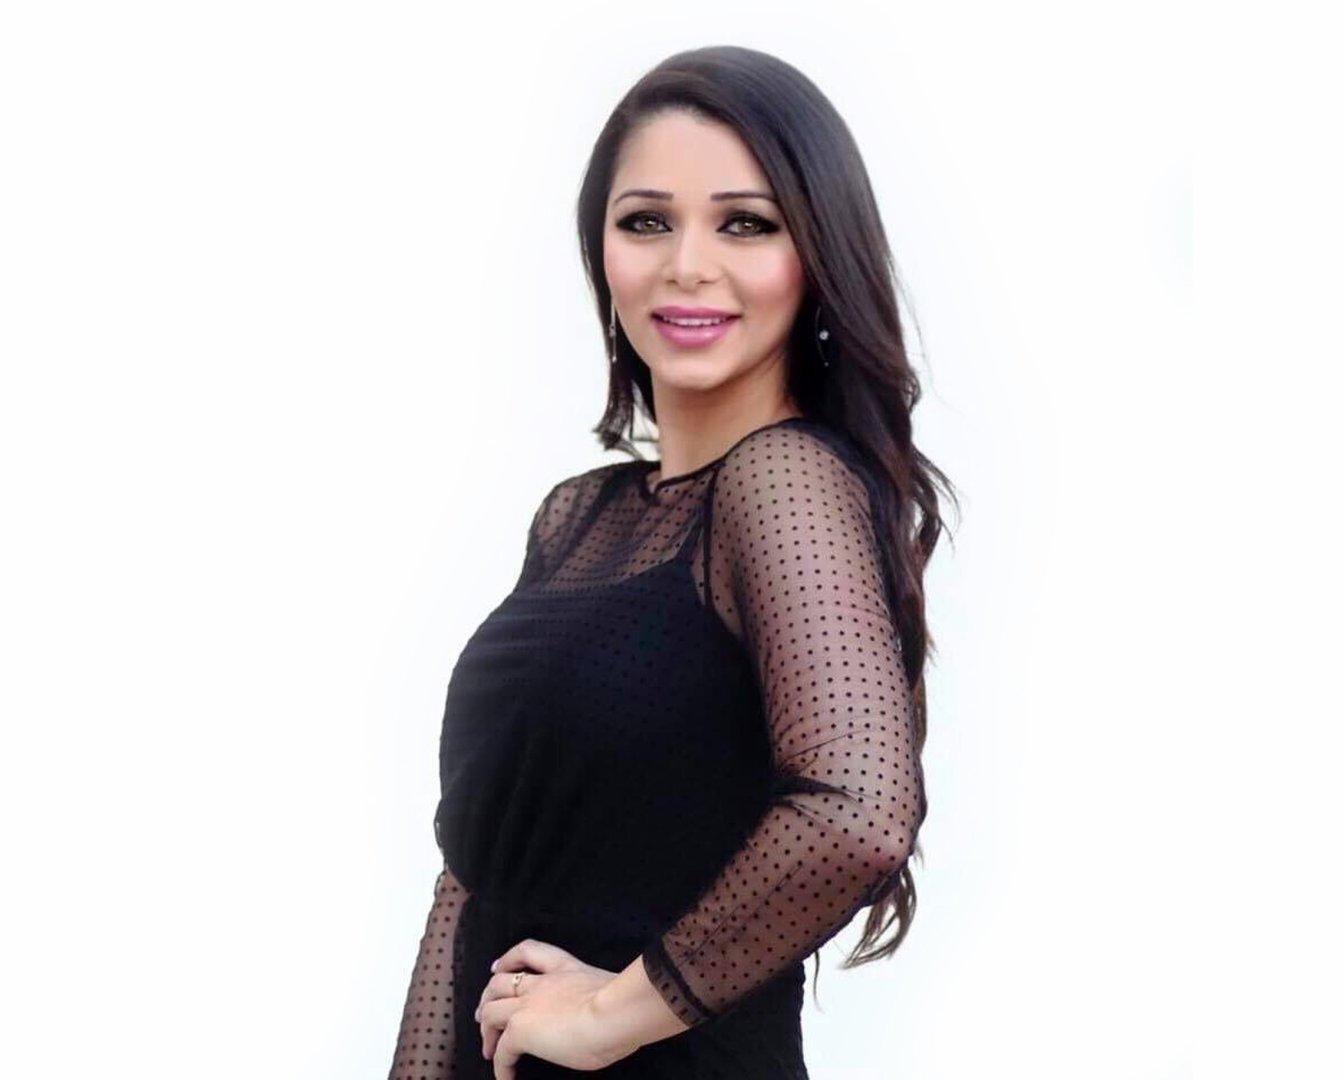 Hana Abuwardeh